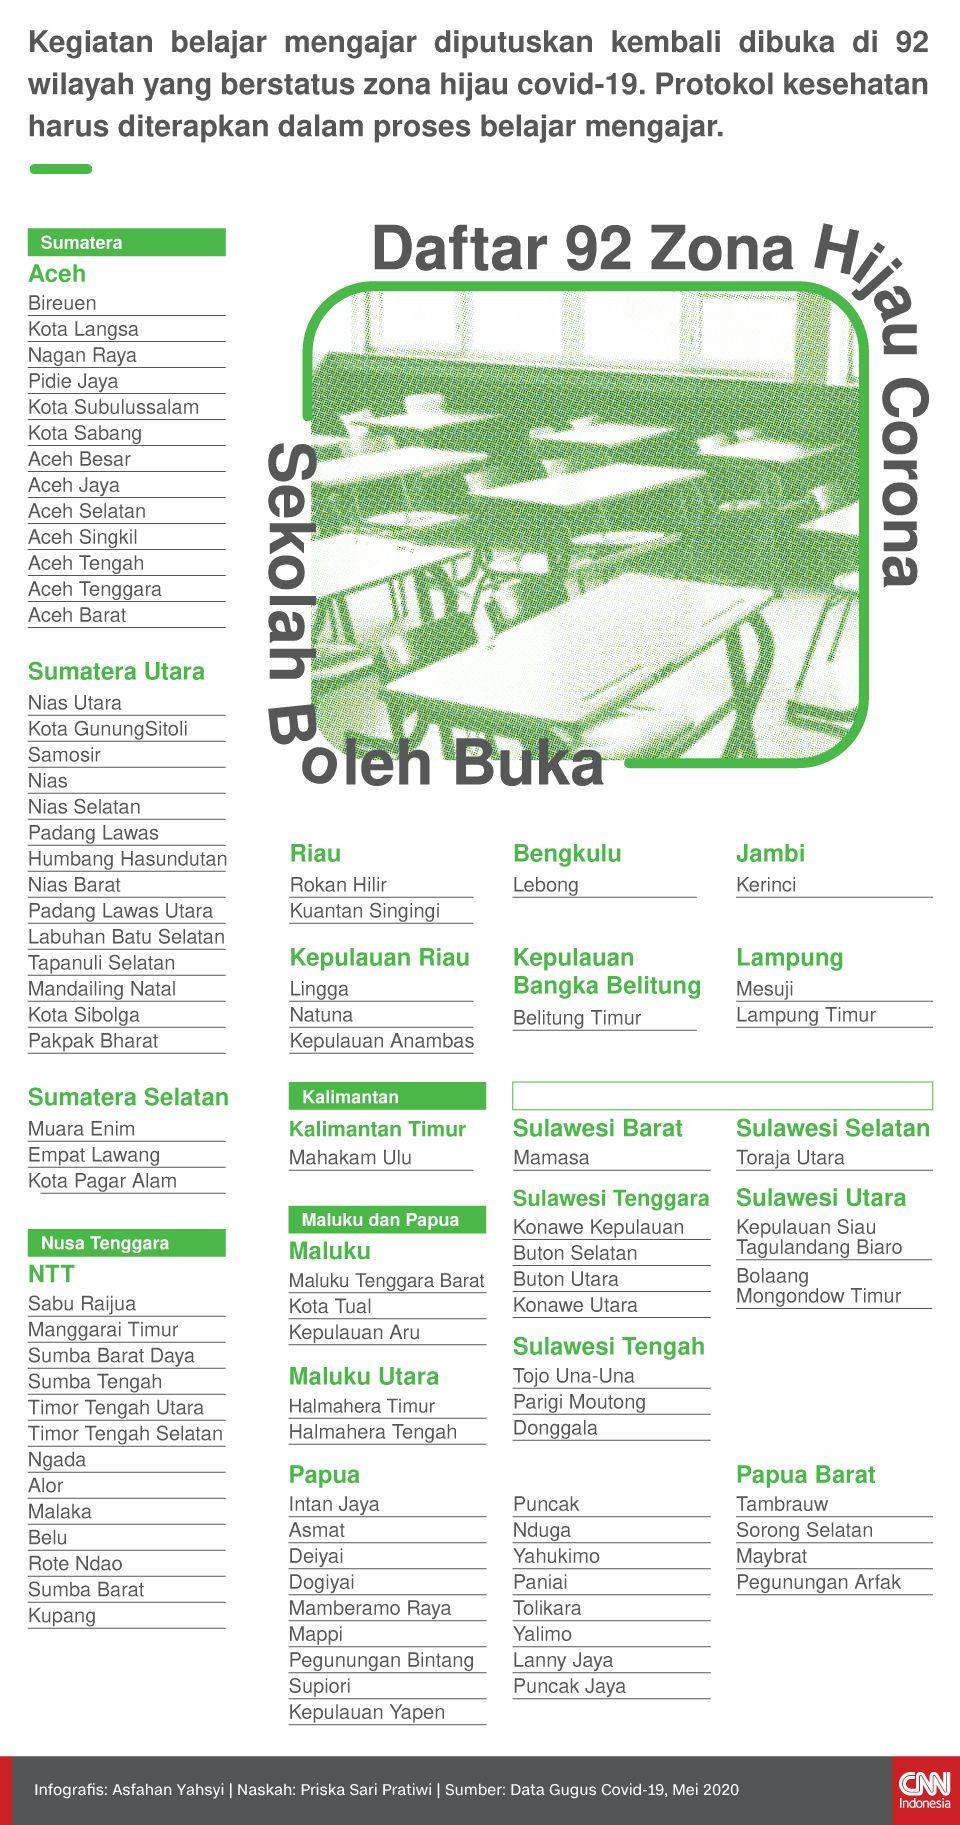 Infografis Daftar 92 Zona Hijau Corona Sekolah Boleh Buka